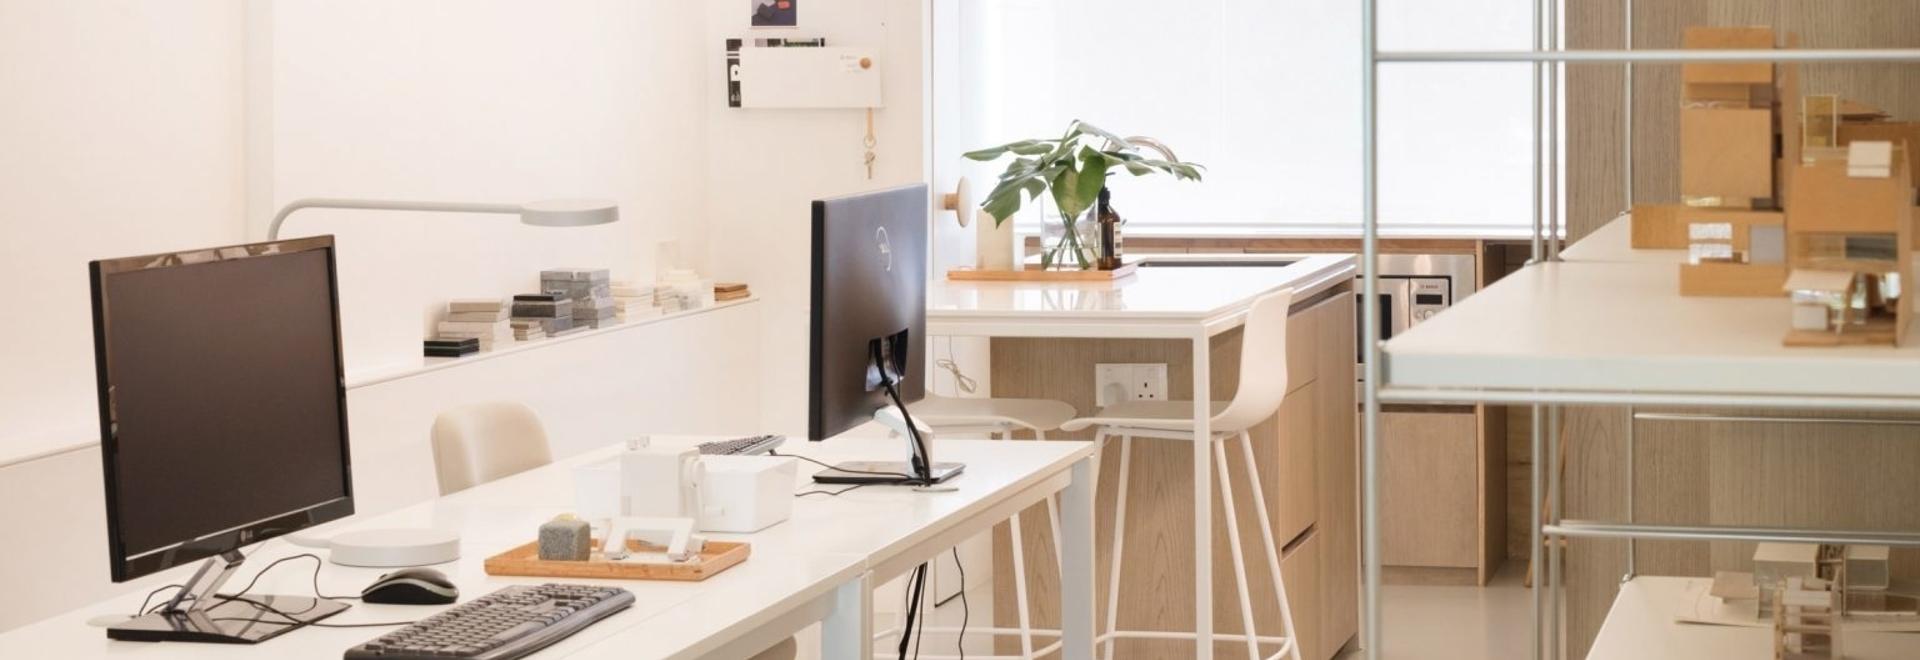 Projekt Nr. 13 ist ein Büro für Studio Wills + Architects, das gleichzeitig als Wohnhaus dient